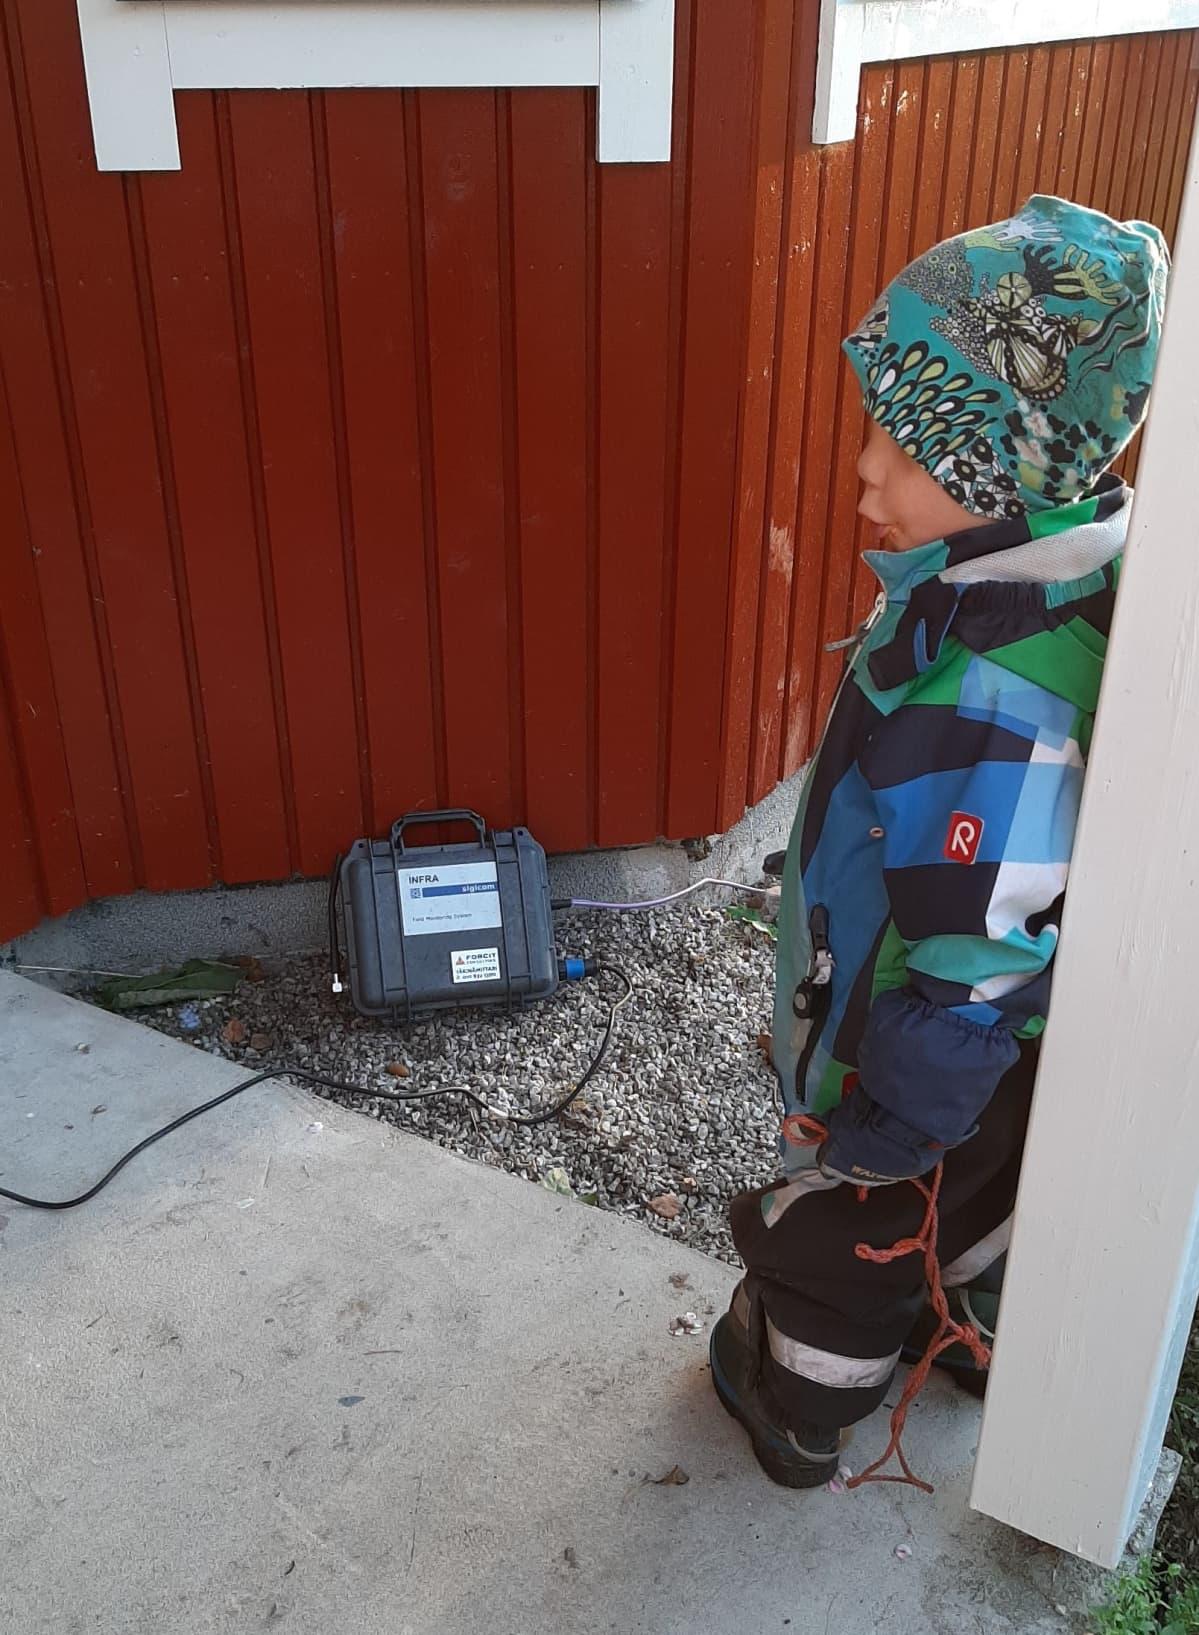 Teemu Kauppila tarkkaili innokkaasti tärinämittausta, joka tehtiin Kauppiloiden talossa loka-marraskuussa.